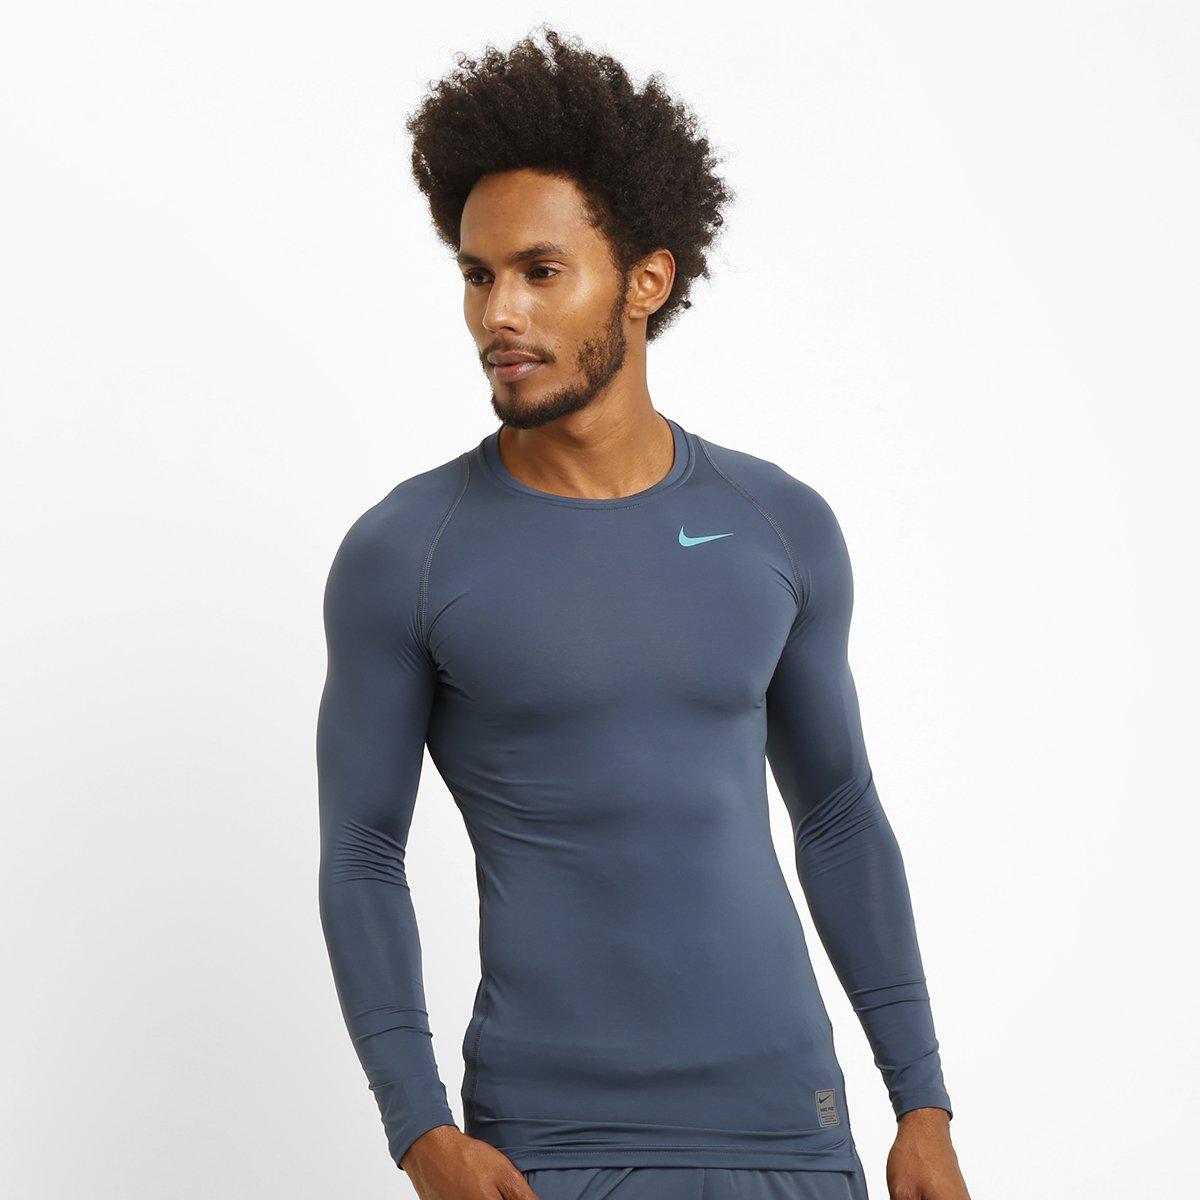 f034a93583721 Camiseta de Compressão Nike Pro Cool M L - Compre Agora